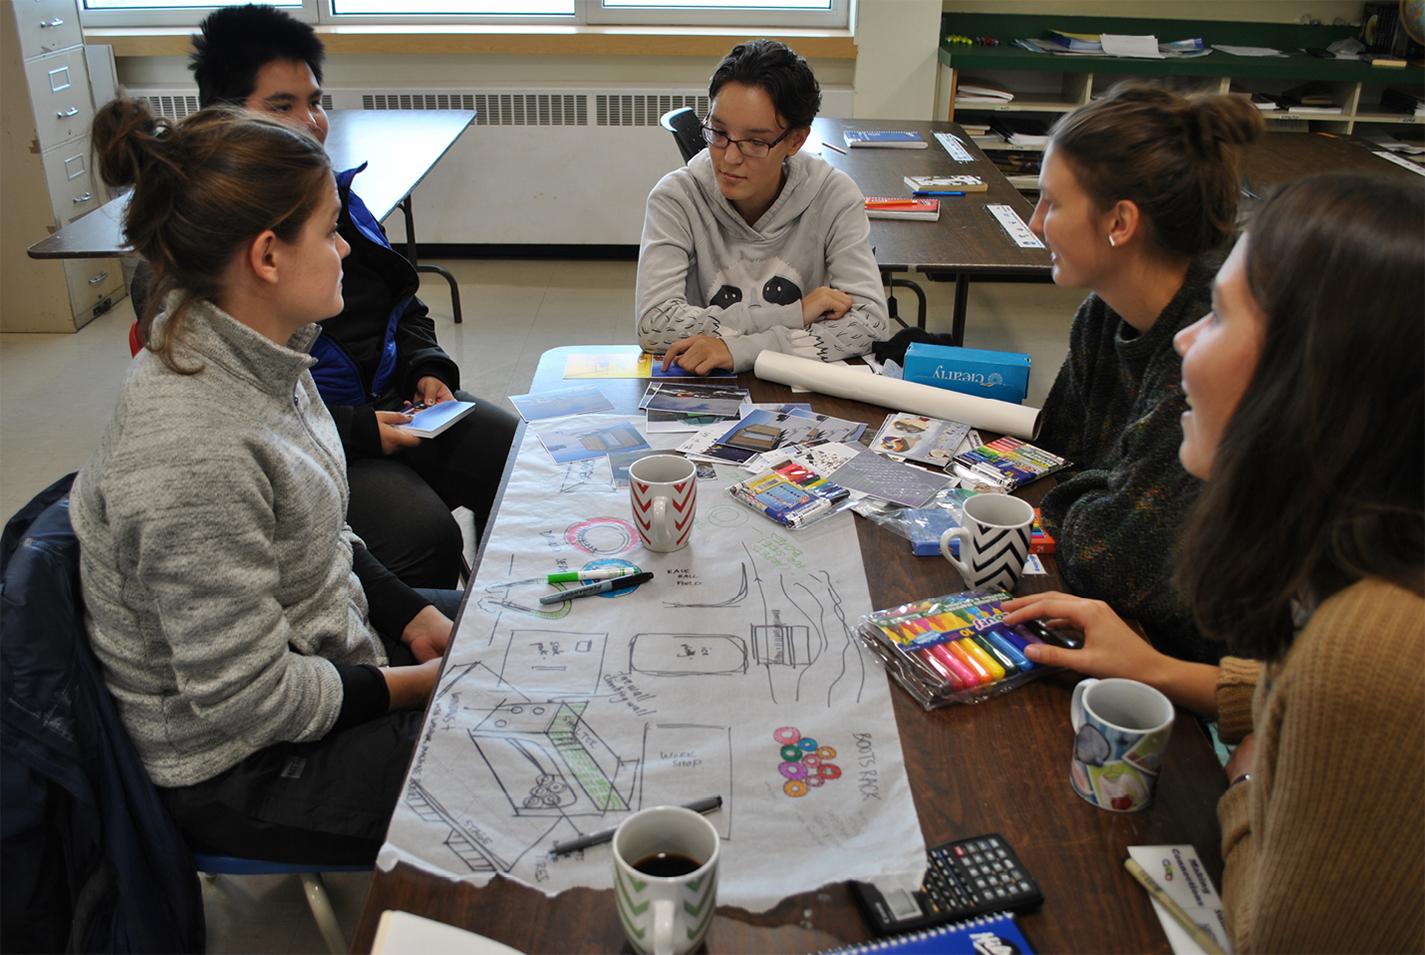 Des discussions de groupes à l'école.